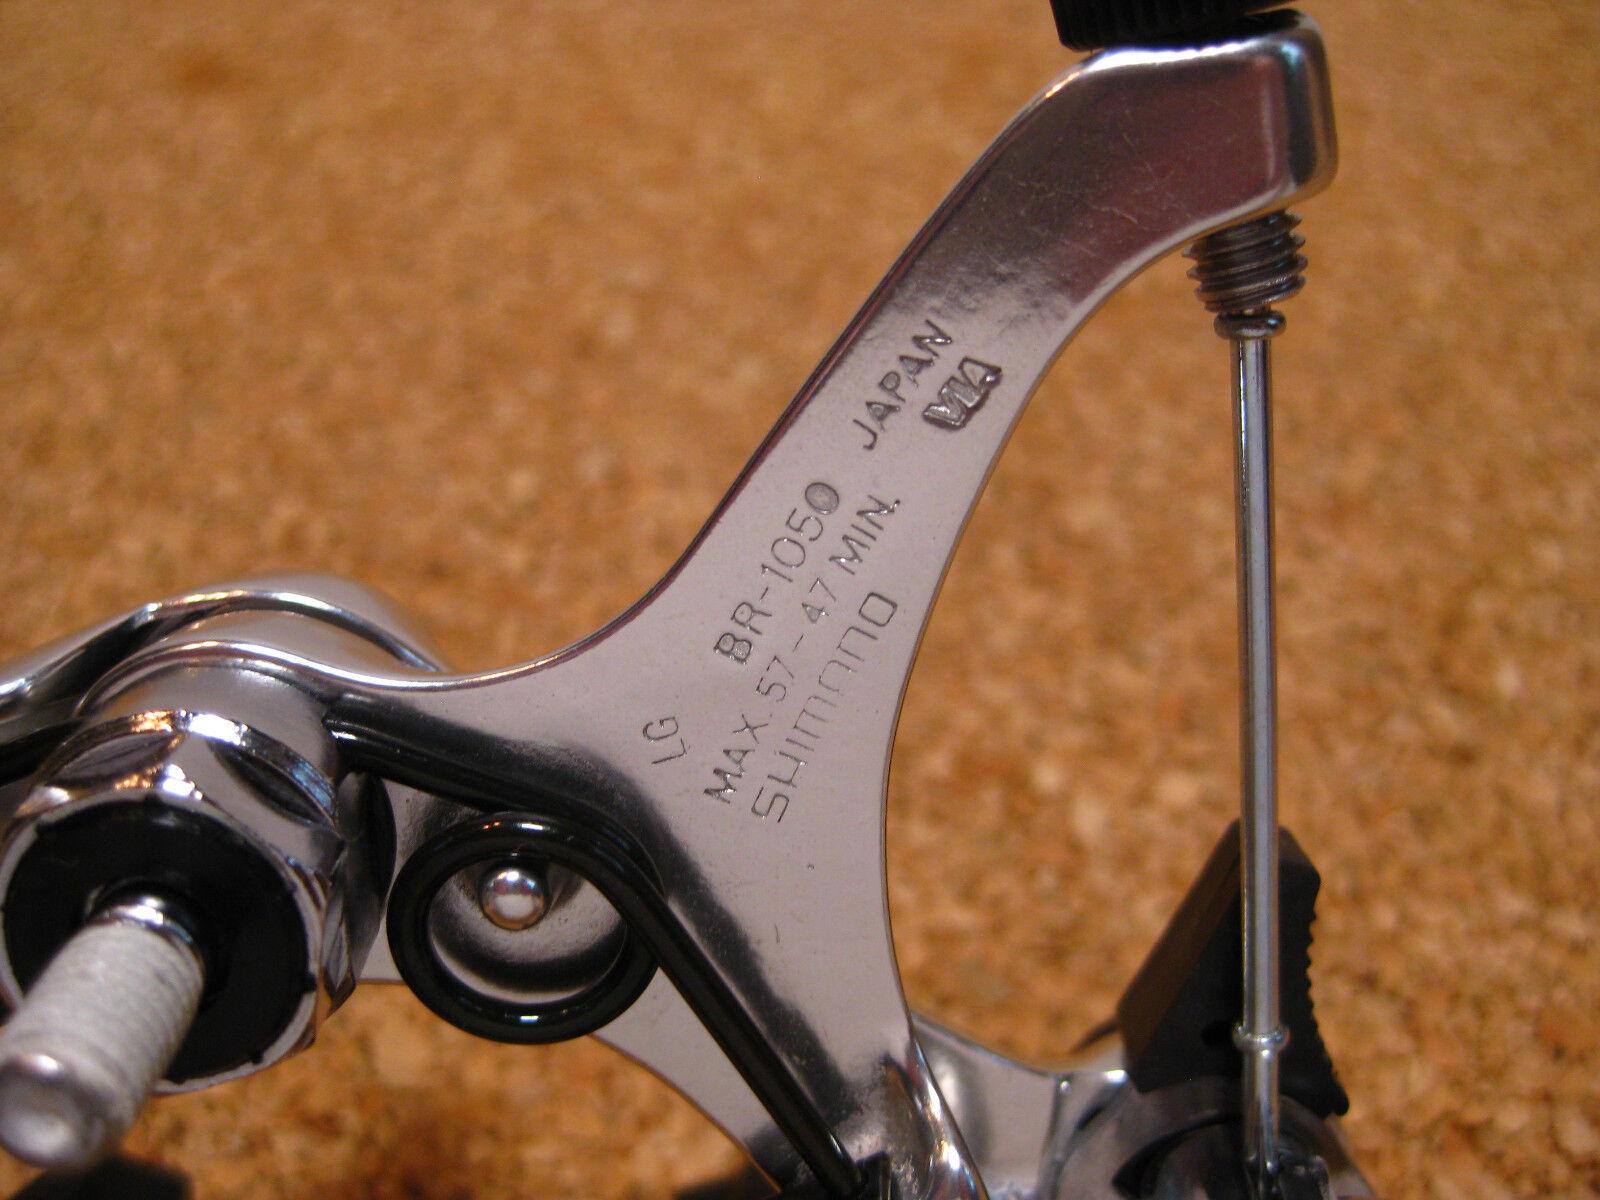 Shimano 105 Bremse Bremse Bremse - hinten - BR-1050 - langes Schenkelmaß - 1987 - Neu - NOS f9c233